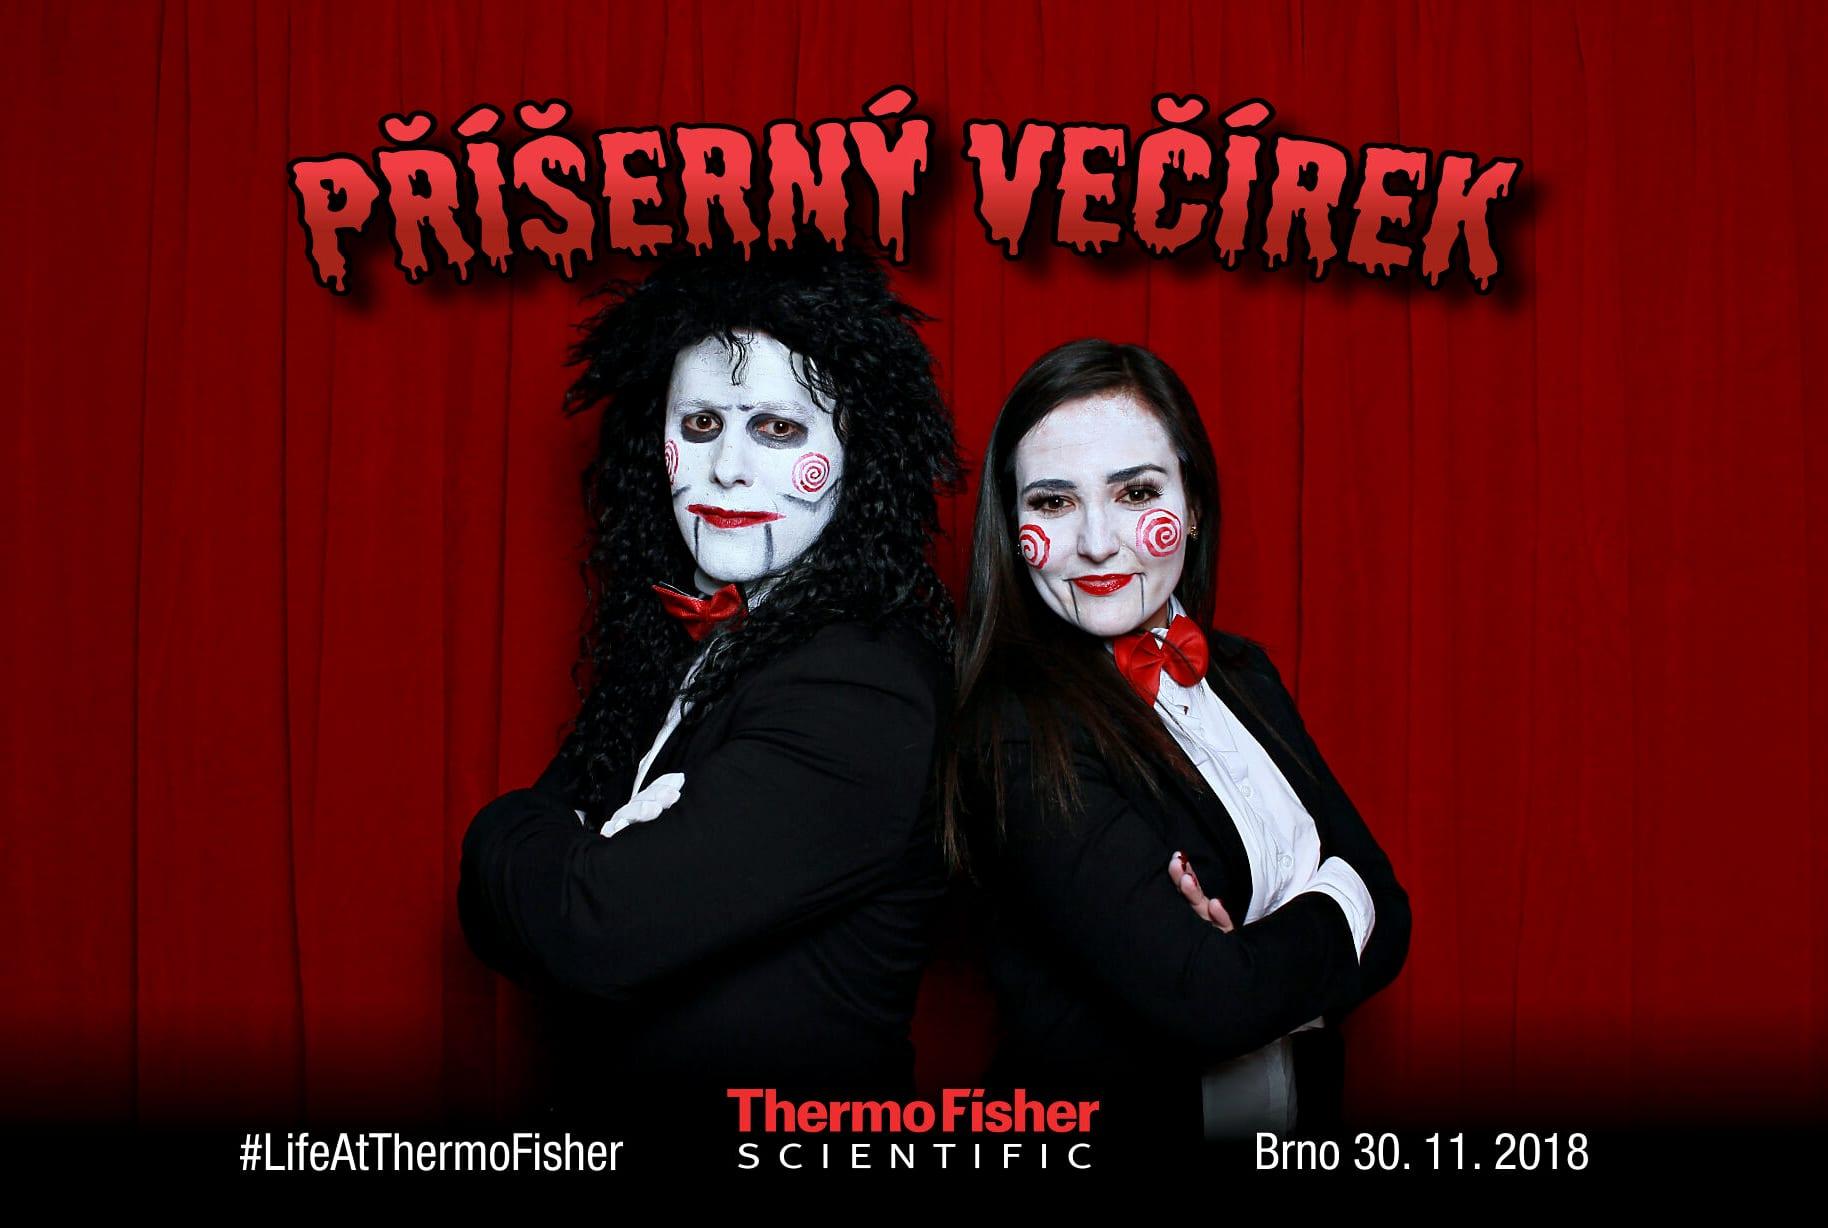 fotokoutek-thermo-fisher-priserny-vecirek-30-11-2018-530601